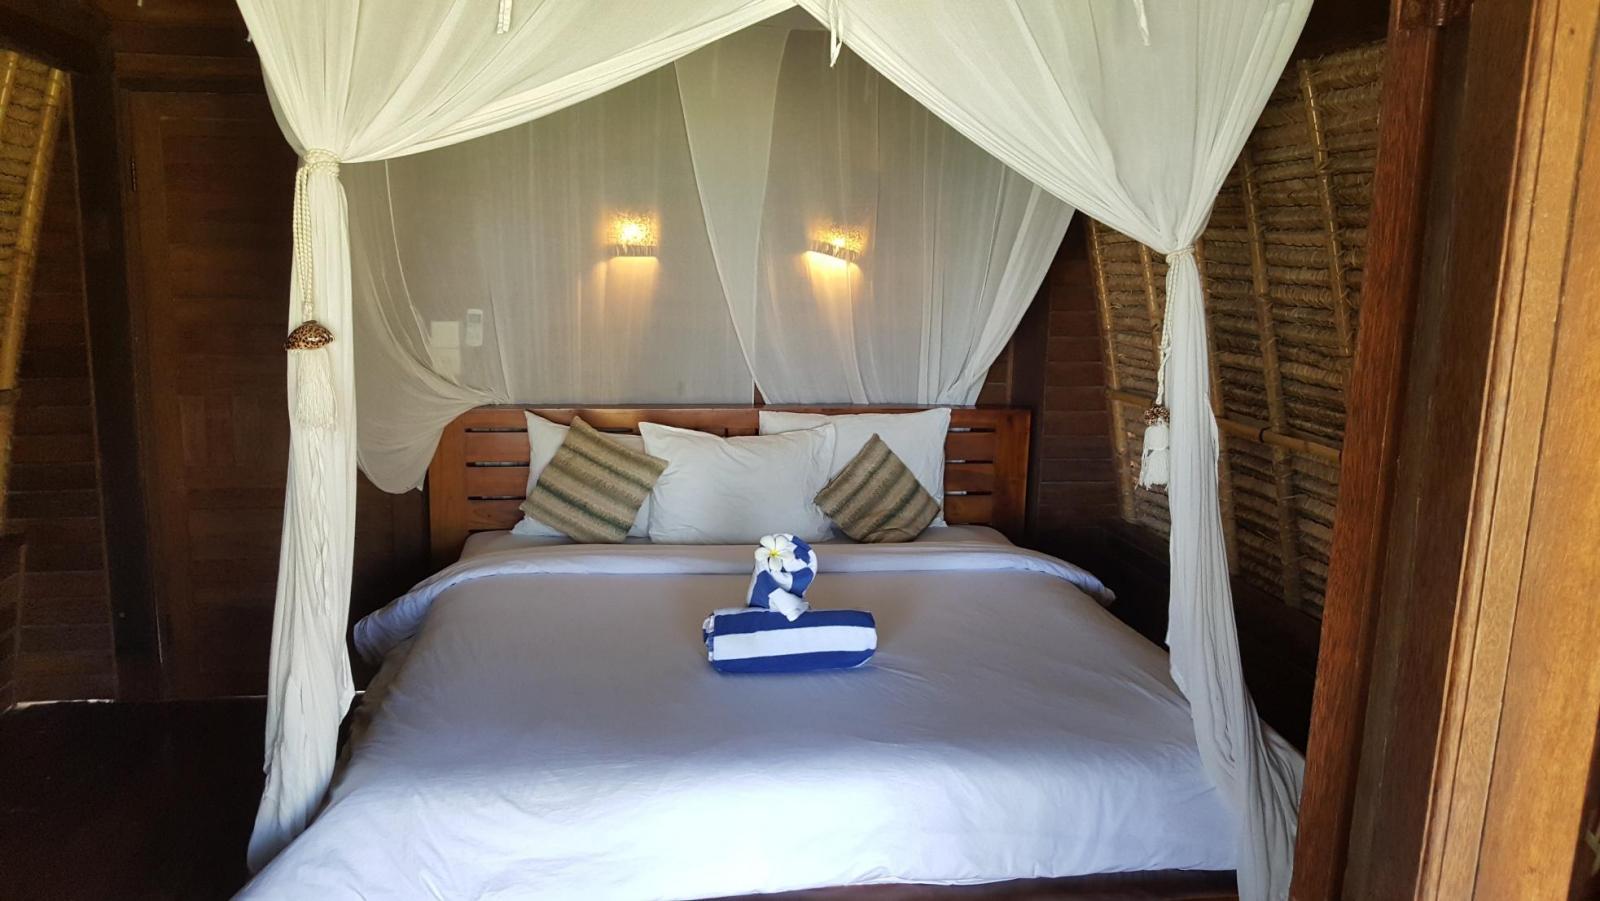 Room Dream Beach Huts